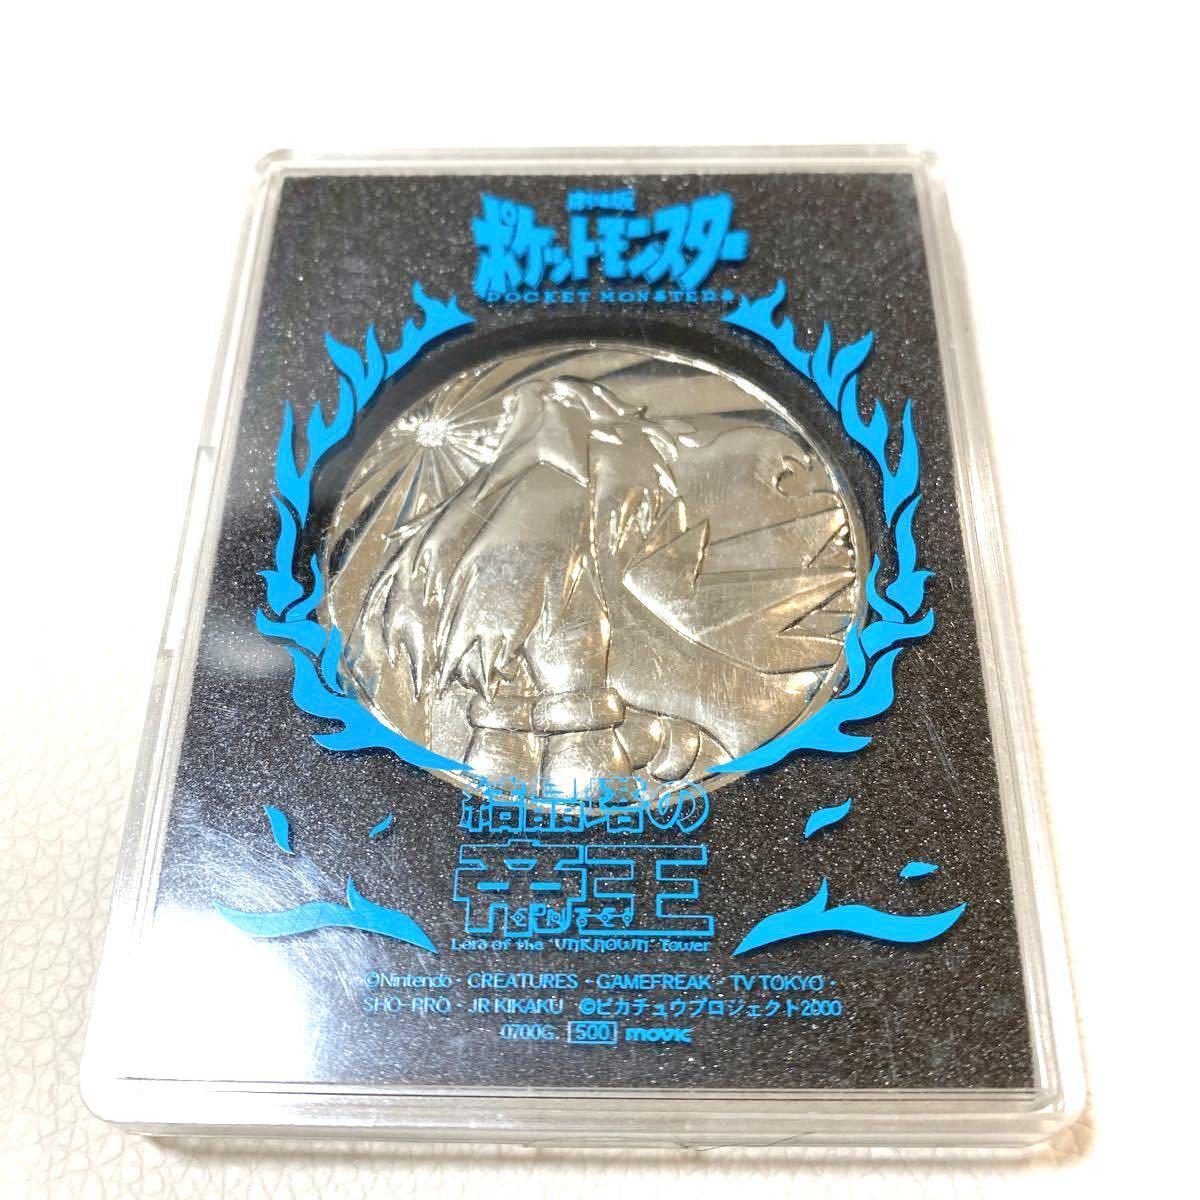 劇場版ポケットモンスター 結晶塔の帝王 エンテイ 記念メダル 記念コイン